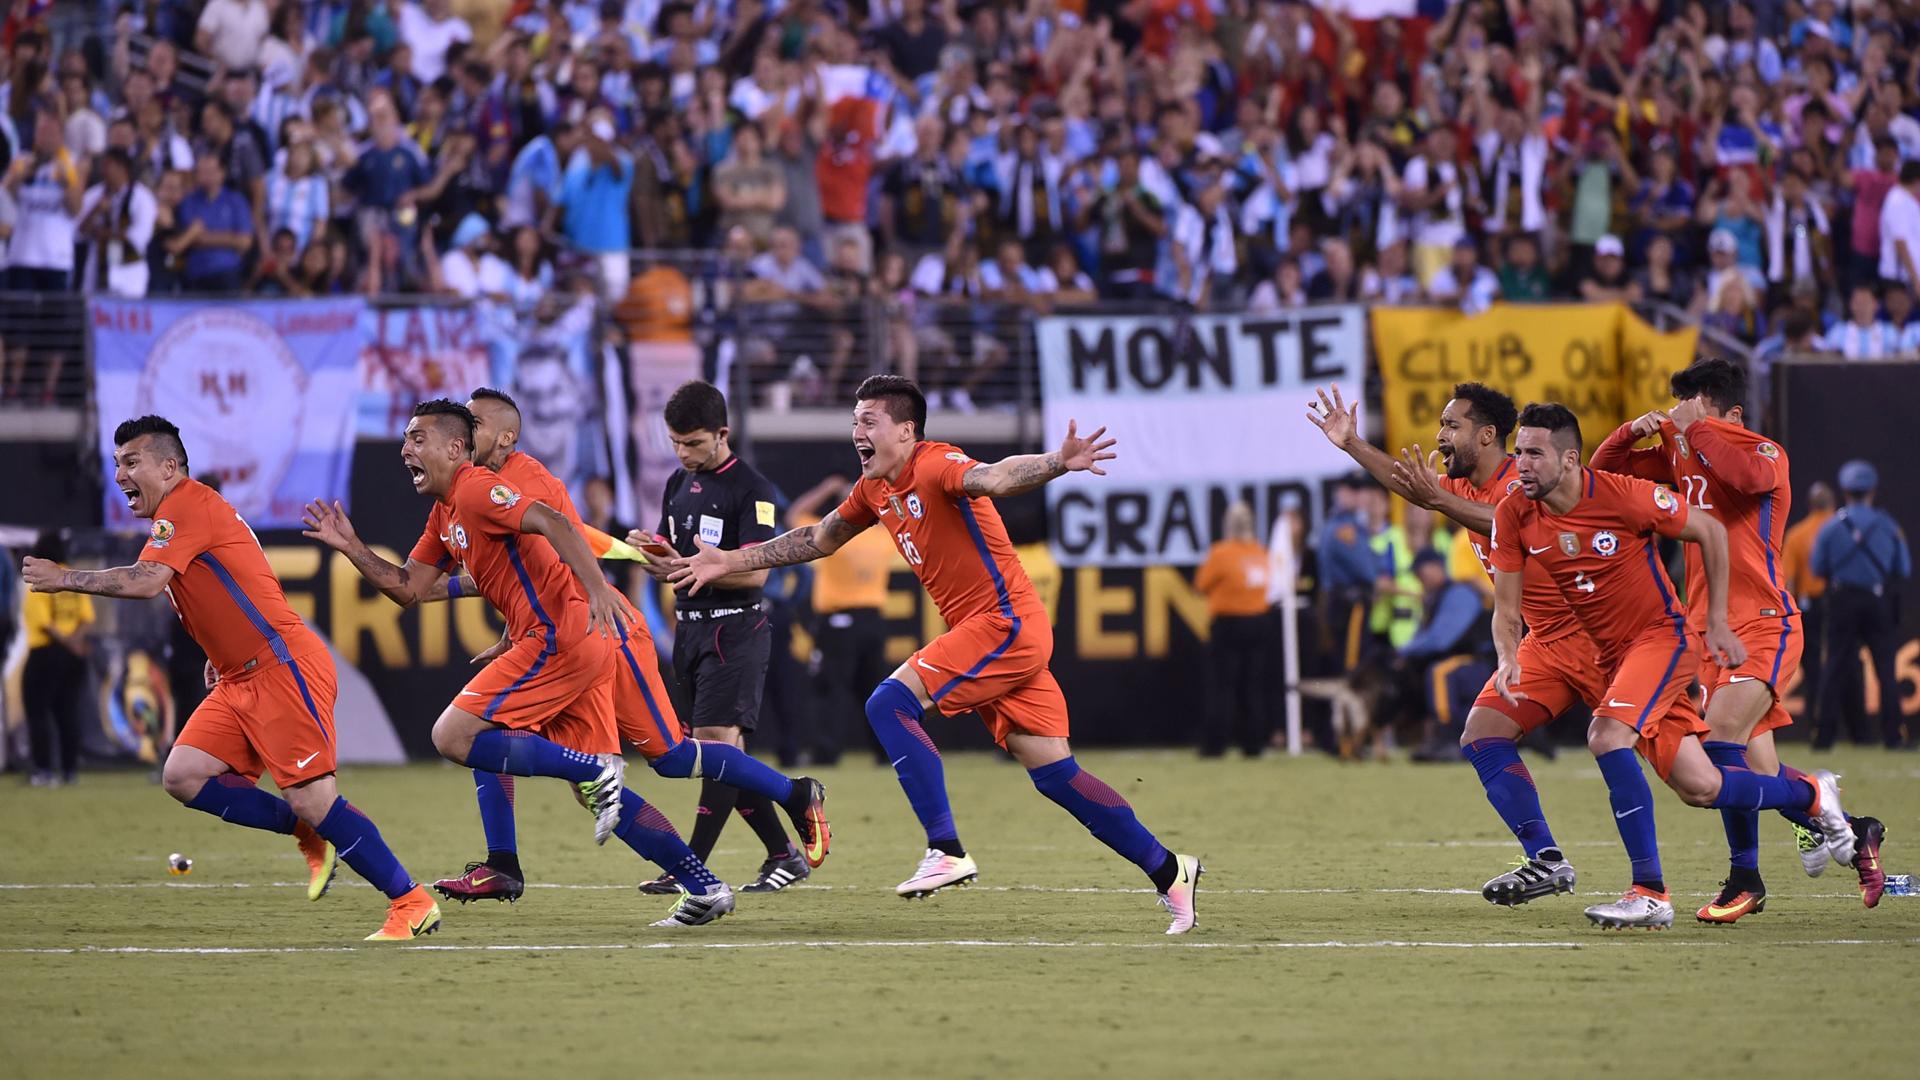 شیلی قهرمان کوپا امریکا 2016 شد ، مسی در یک فینال ملی دیگر ناکام ماند //شیلی 0 - 0 ارژانتین (برد 4 -2 شیلی در ضربات پنالتی )